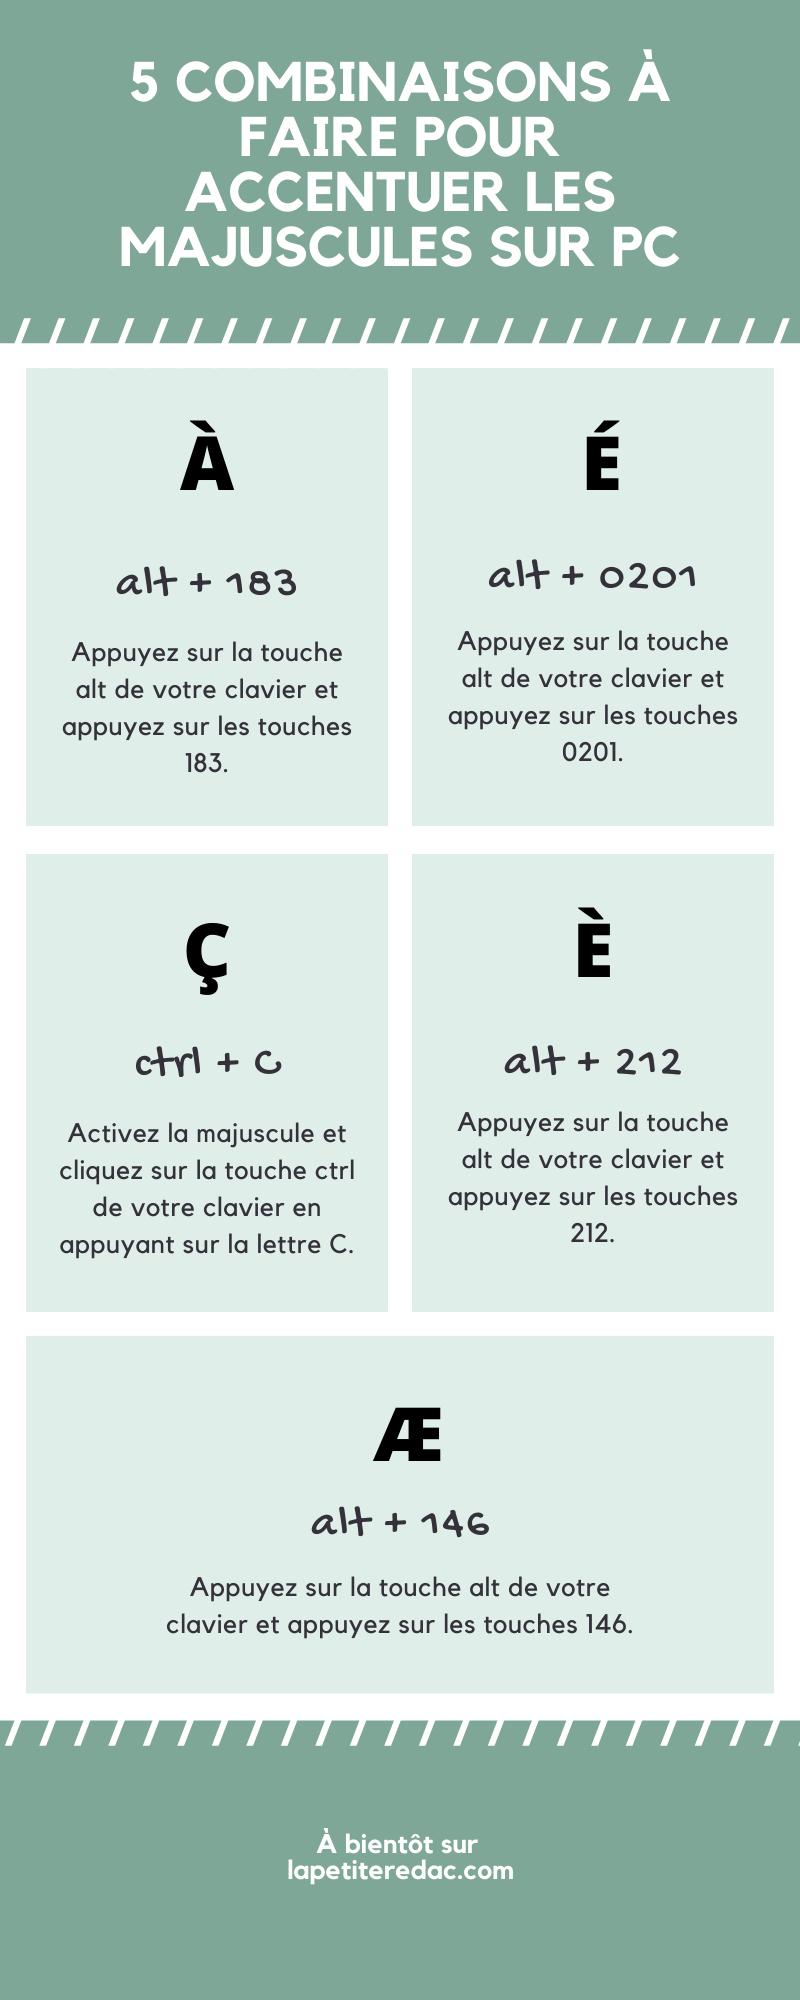 faire des accents sur les majuscules sur PC - lapetiteredac.com